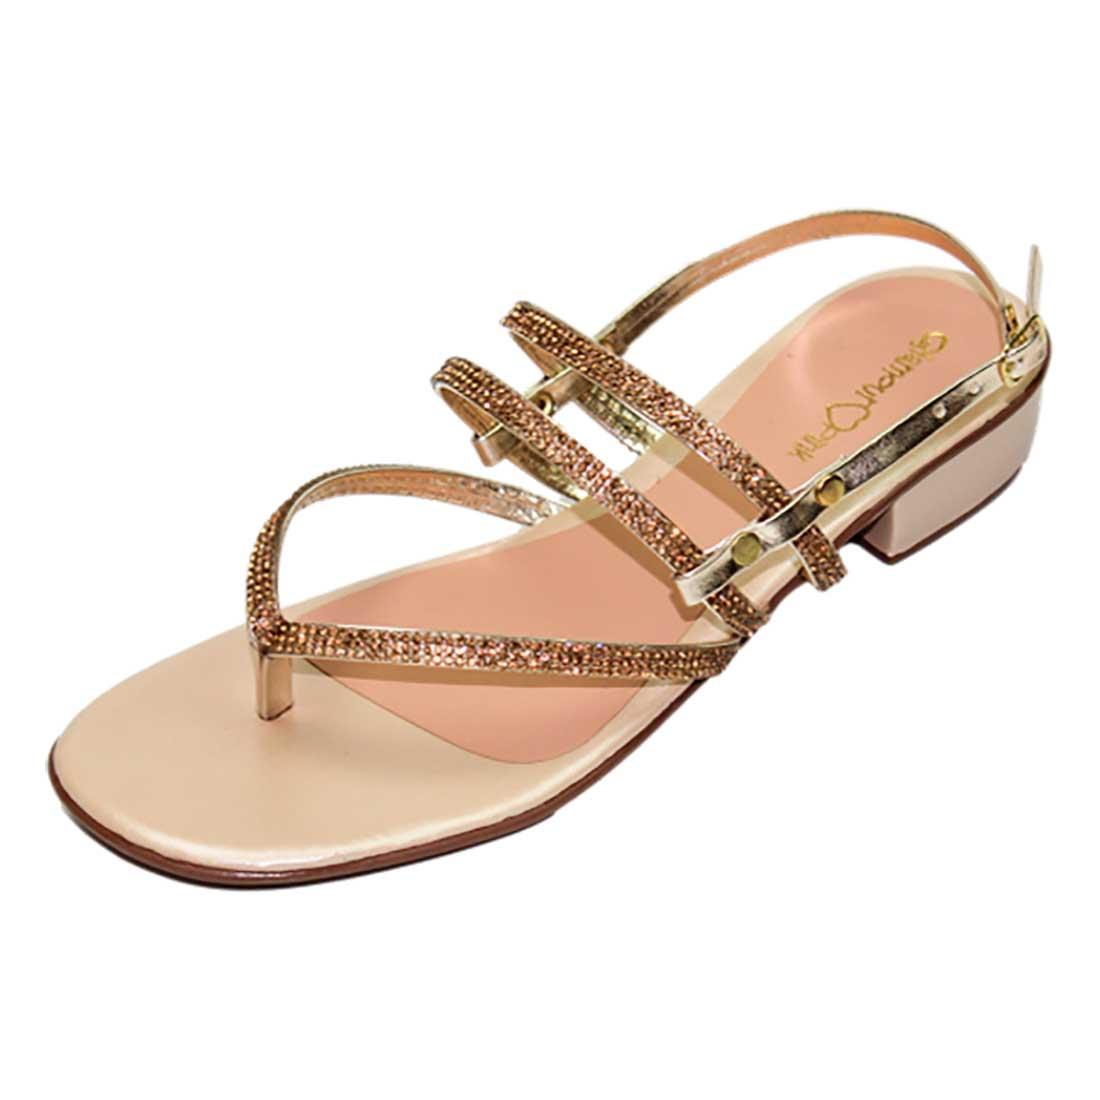 Sandália Salto Baixo com Tiras em Strass - Ouro